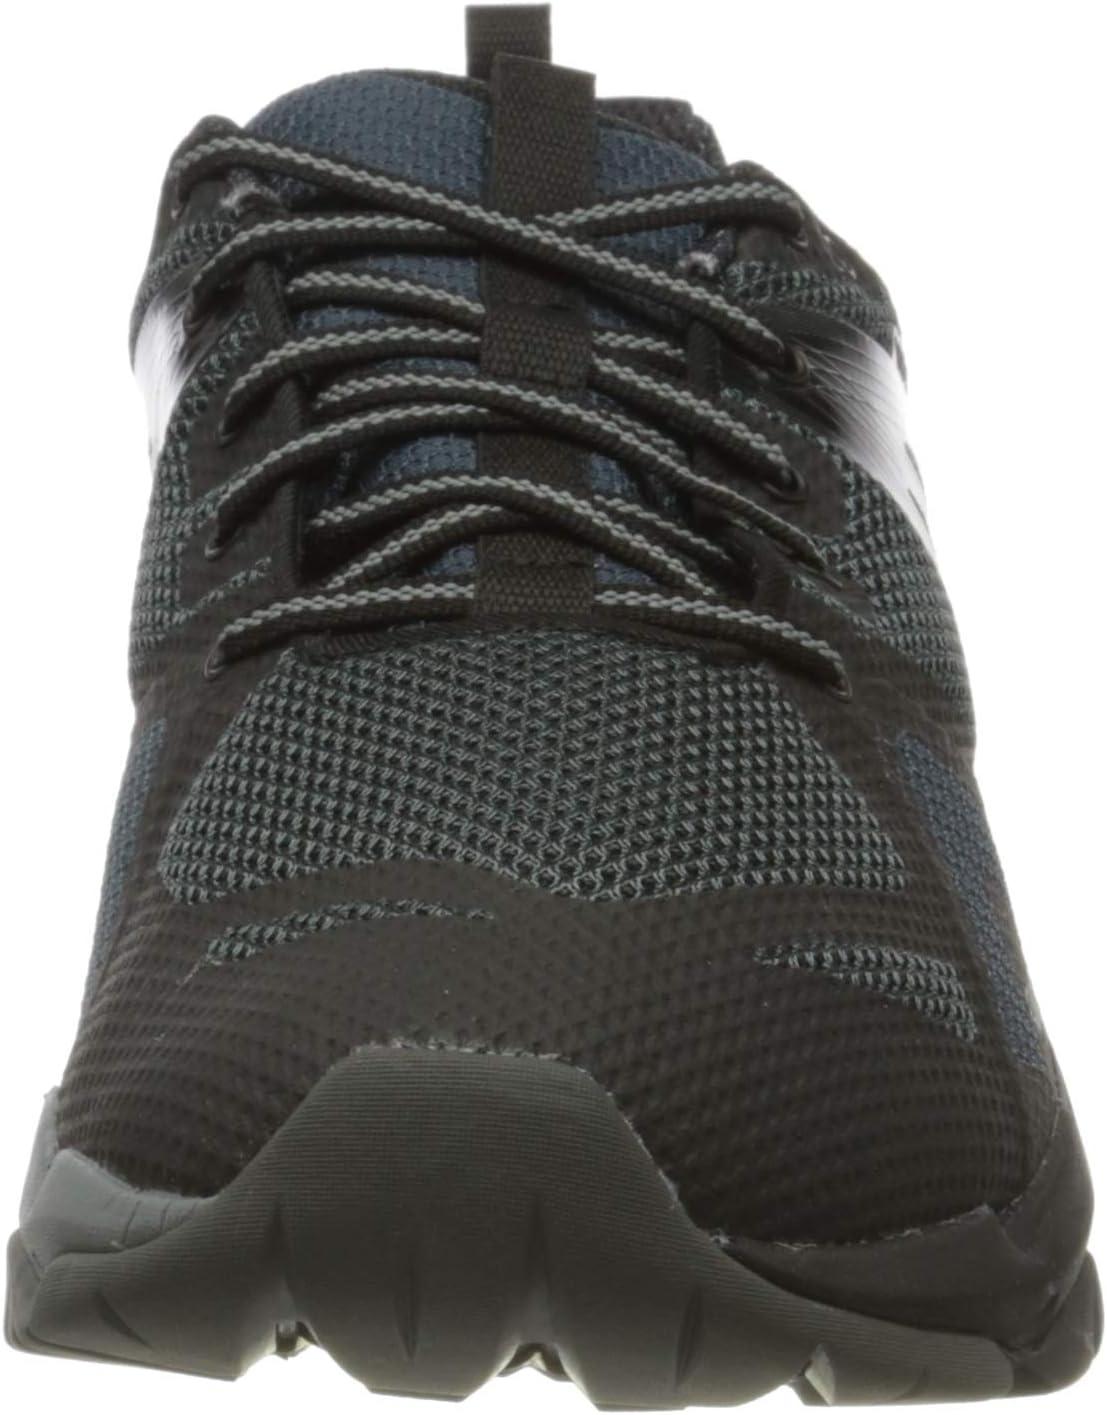 Merrell Mqm Flex GTX dames vrijetijds- en wandelschoenen voor heren Grijs Zwart Multi kleuren